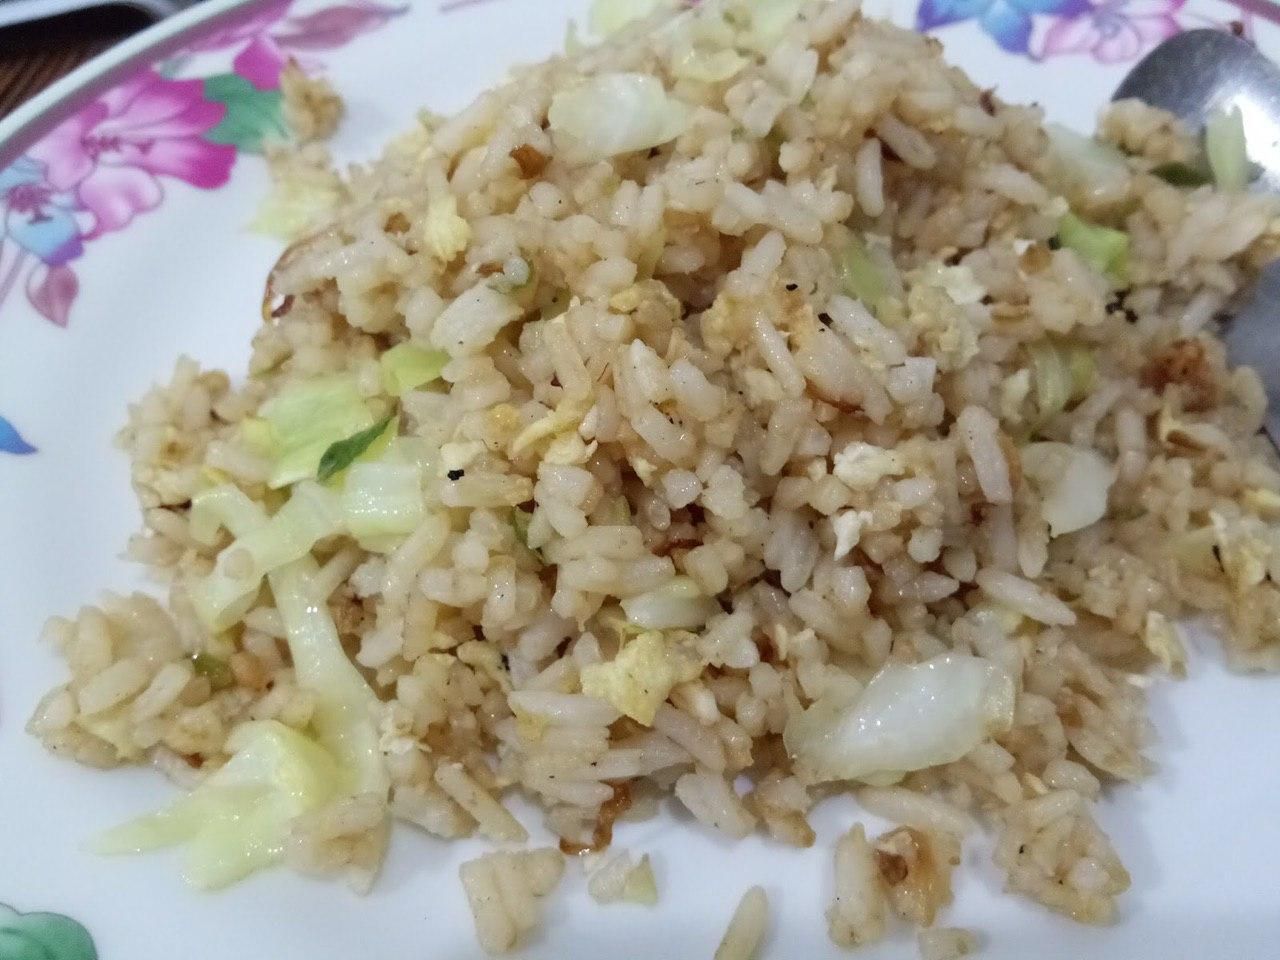 resepi nasi bujang    enak resepi ayam percik kembara menu bujang  mudah Resepi Sup Tulang Nani Rostam Enak dan Mudah